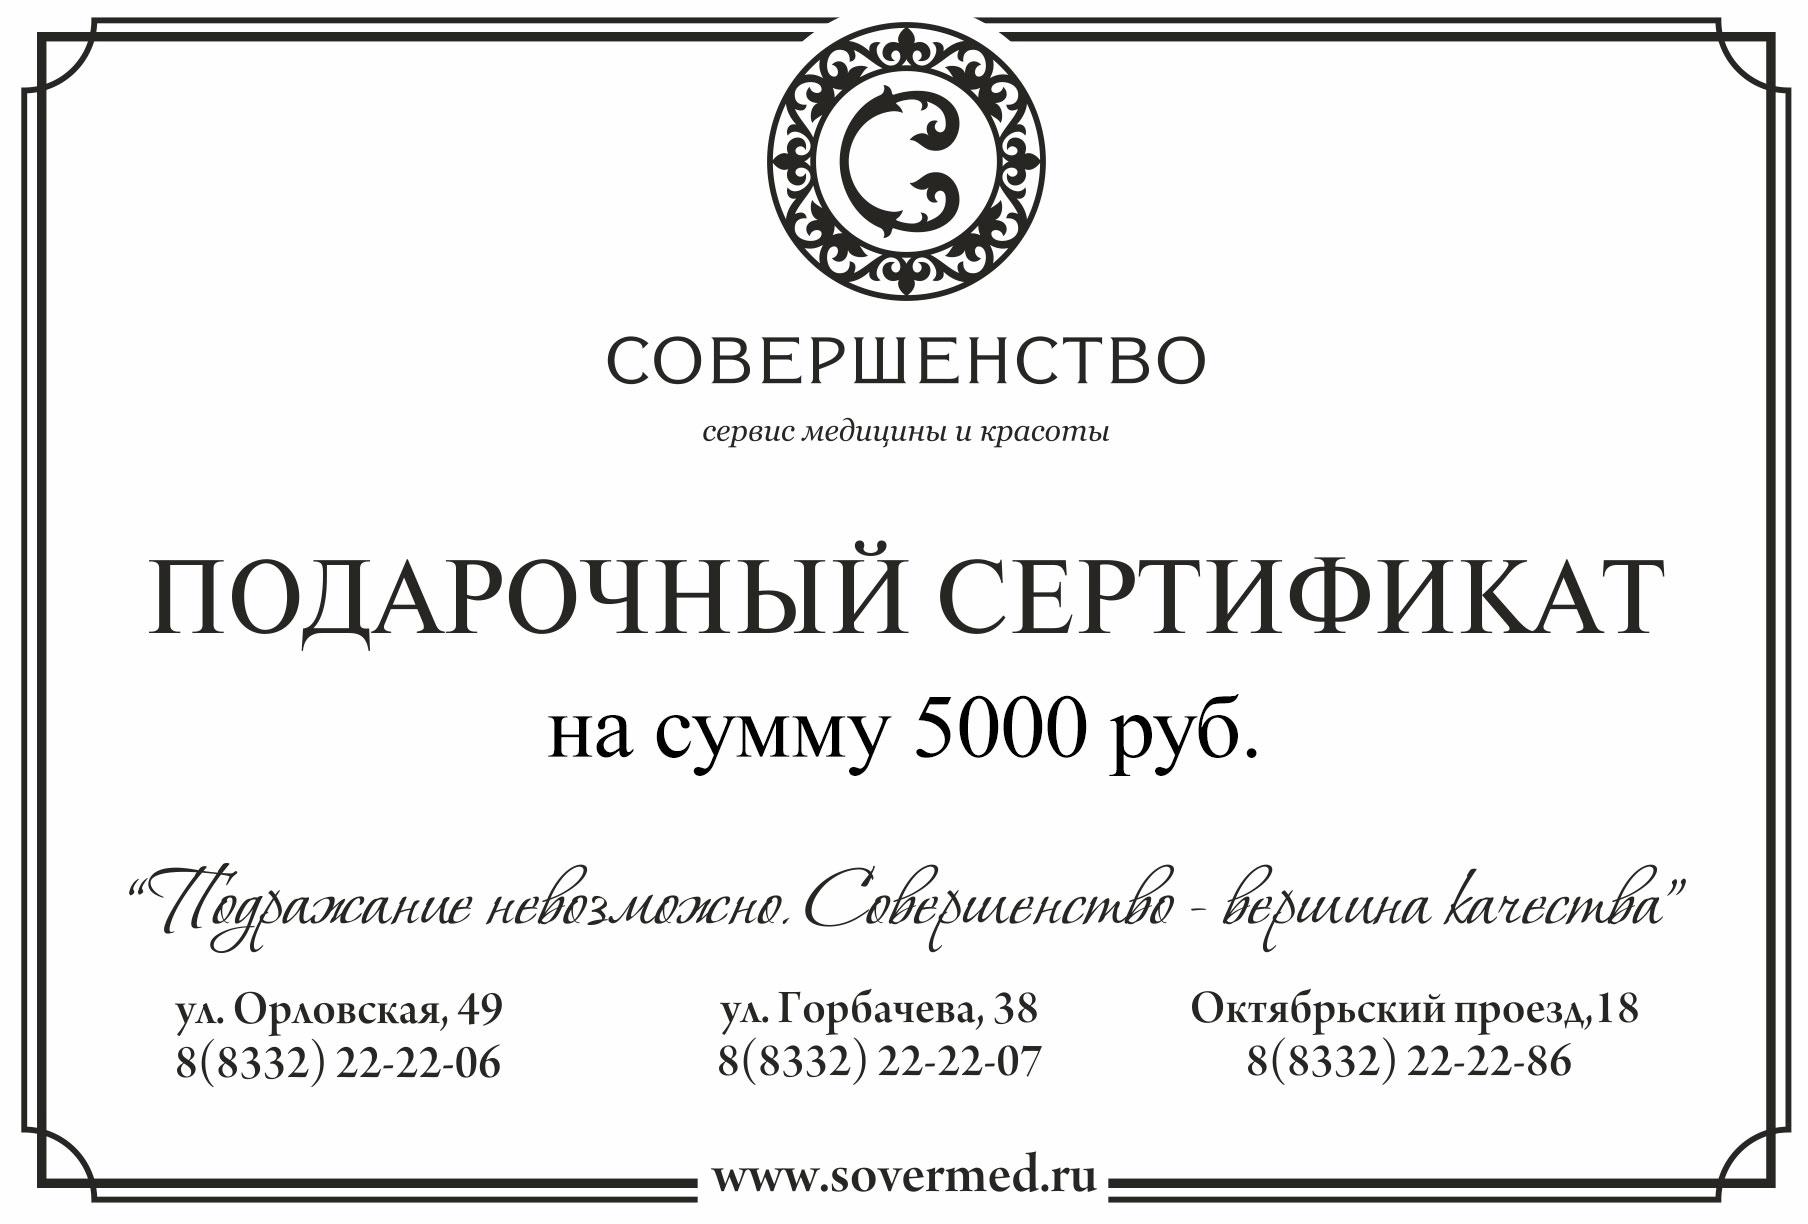 Подарок руководителю сертификат 54